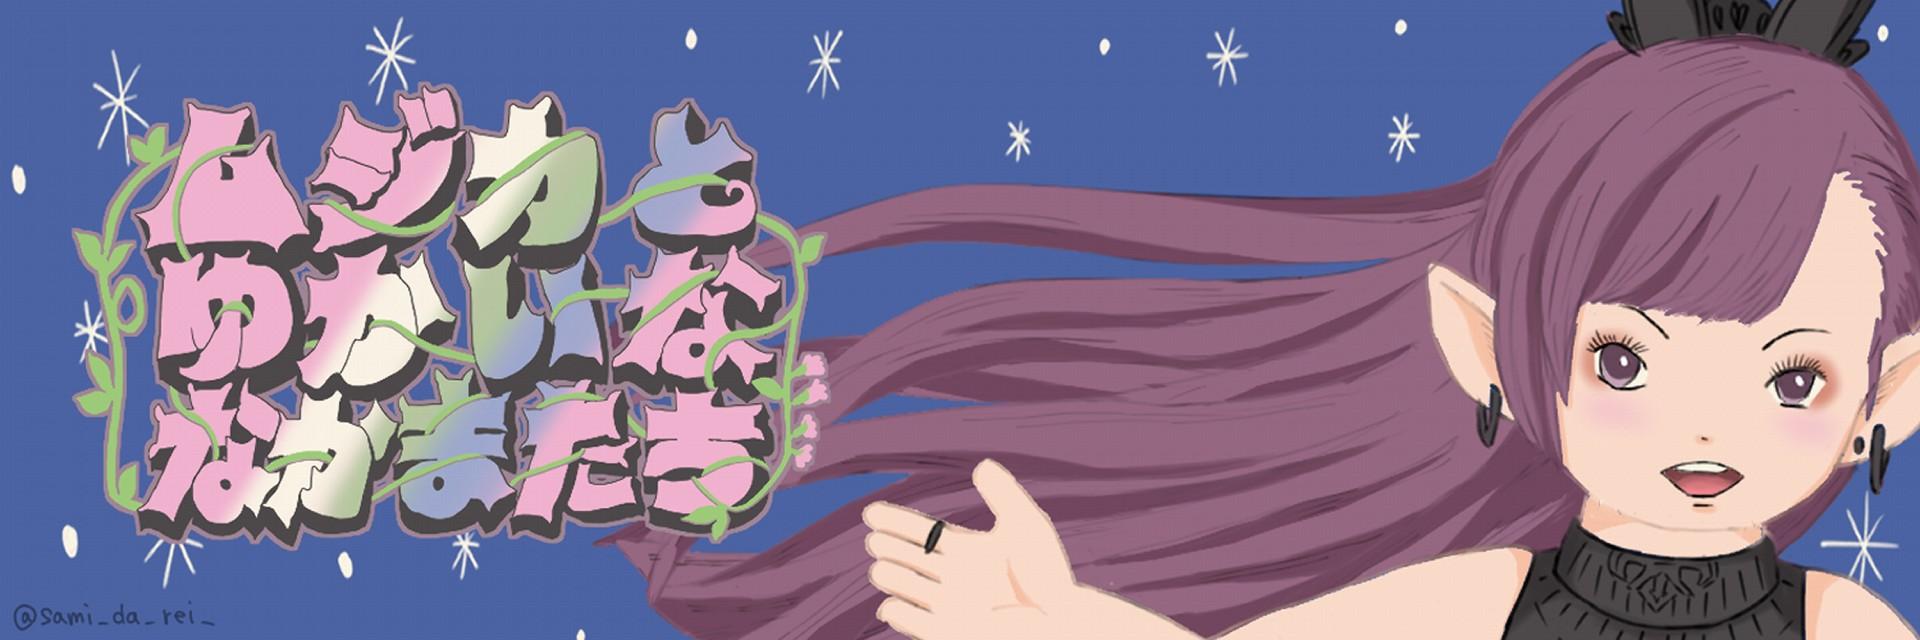 f:id:ryoushitsu-musica:20210623001608j:image